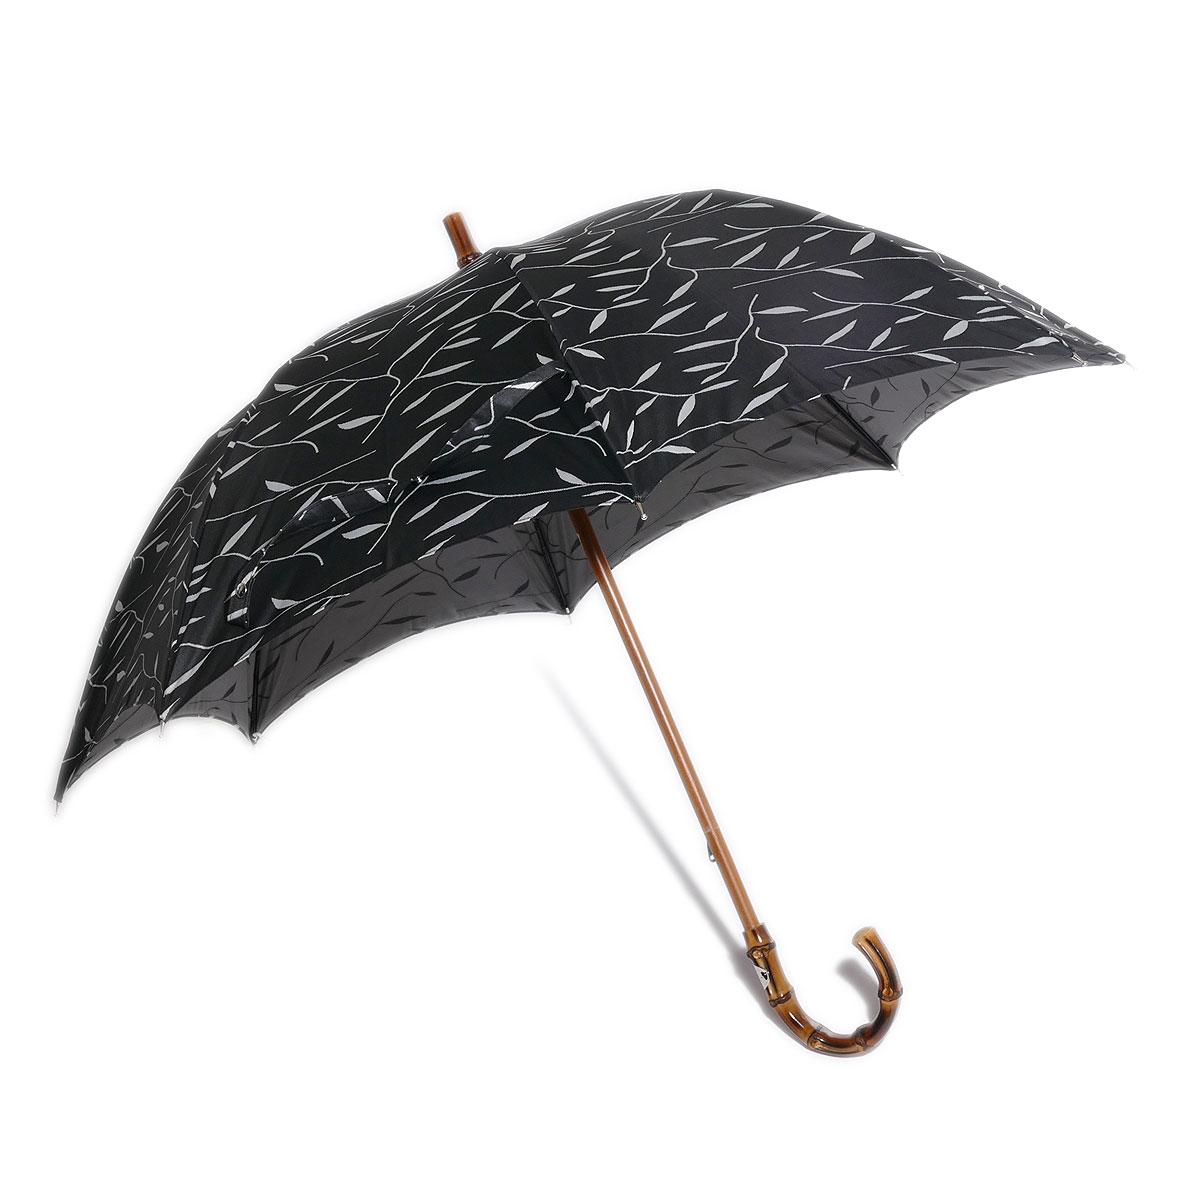 マリアフランチェスコ 贈答 一流メゾンの傘も手掛けるイタリア最古の傘メーカー マリア フランチェスコ Maglia Francesco 舗 イタリア製ハンドメイド レディース バンブーハンドル婦人傘 ブラック